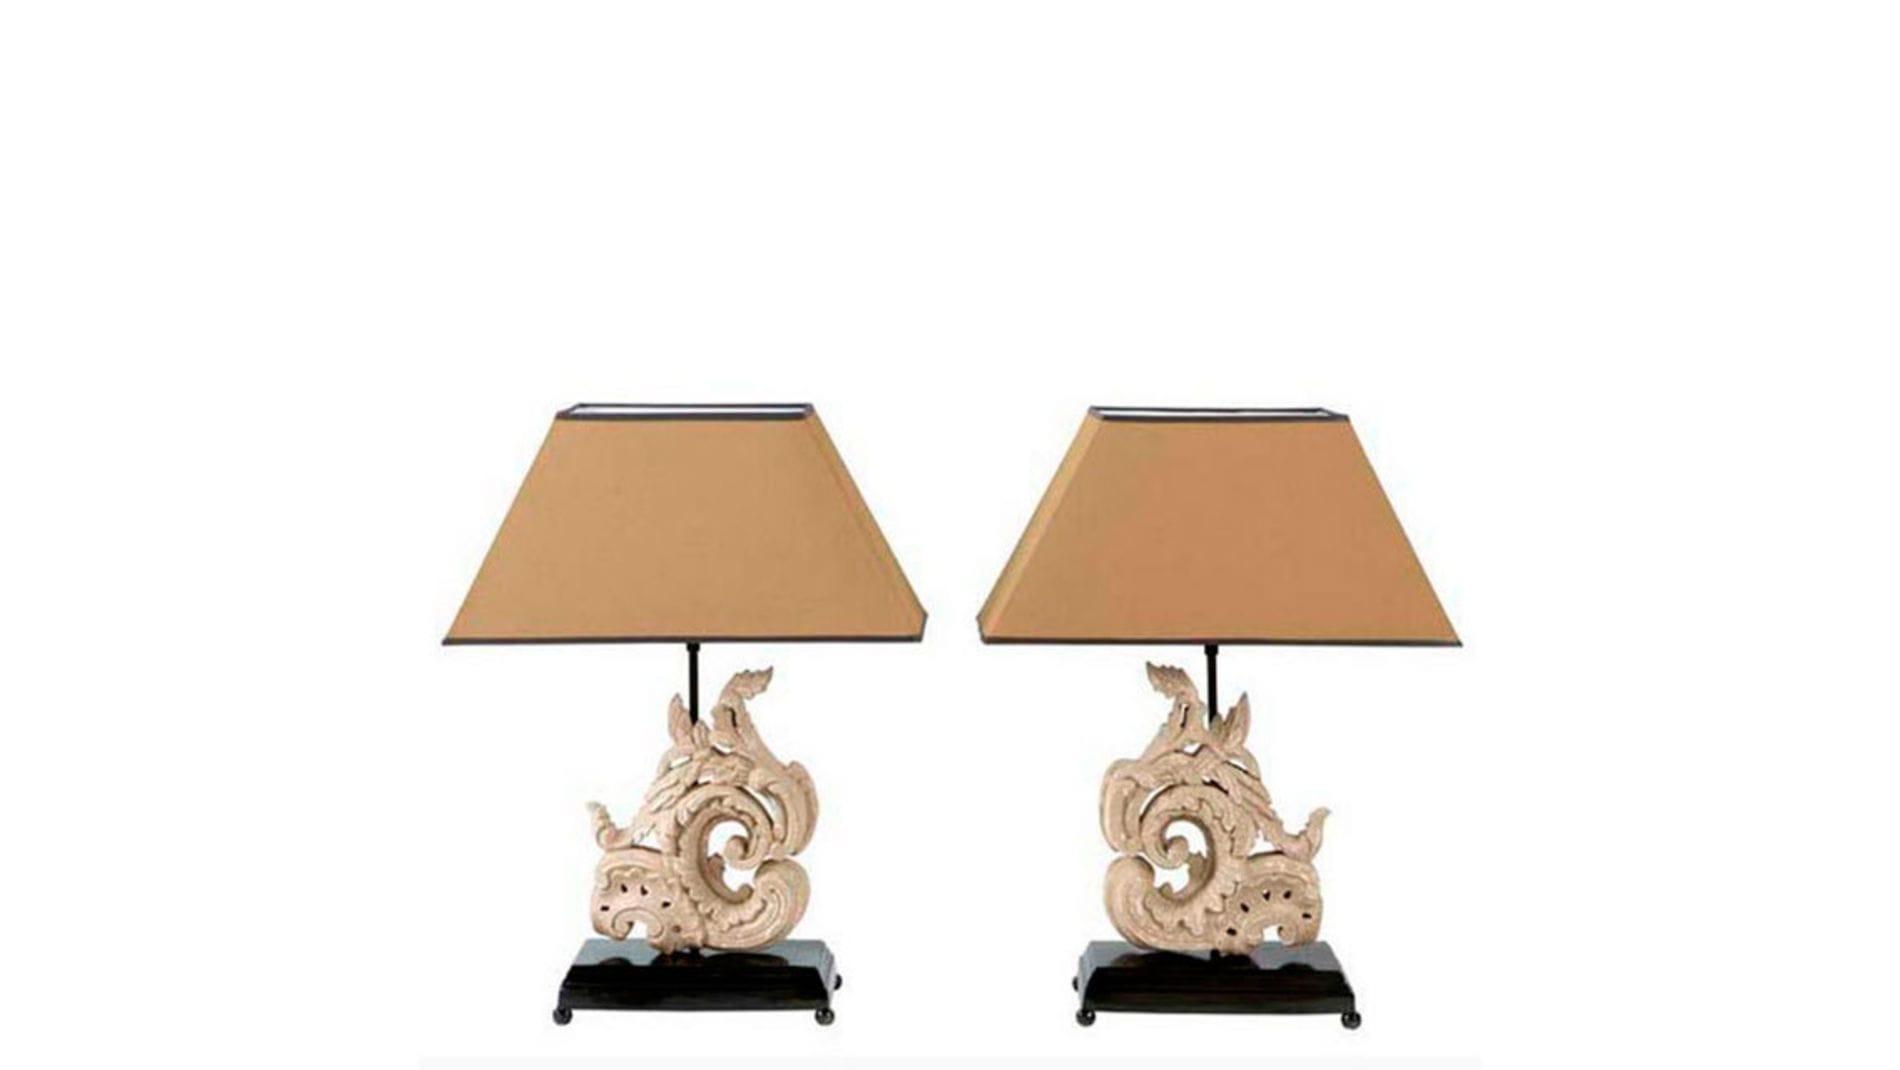 Настольная лампа Belvedere набор 2 шт.